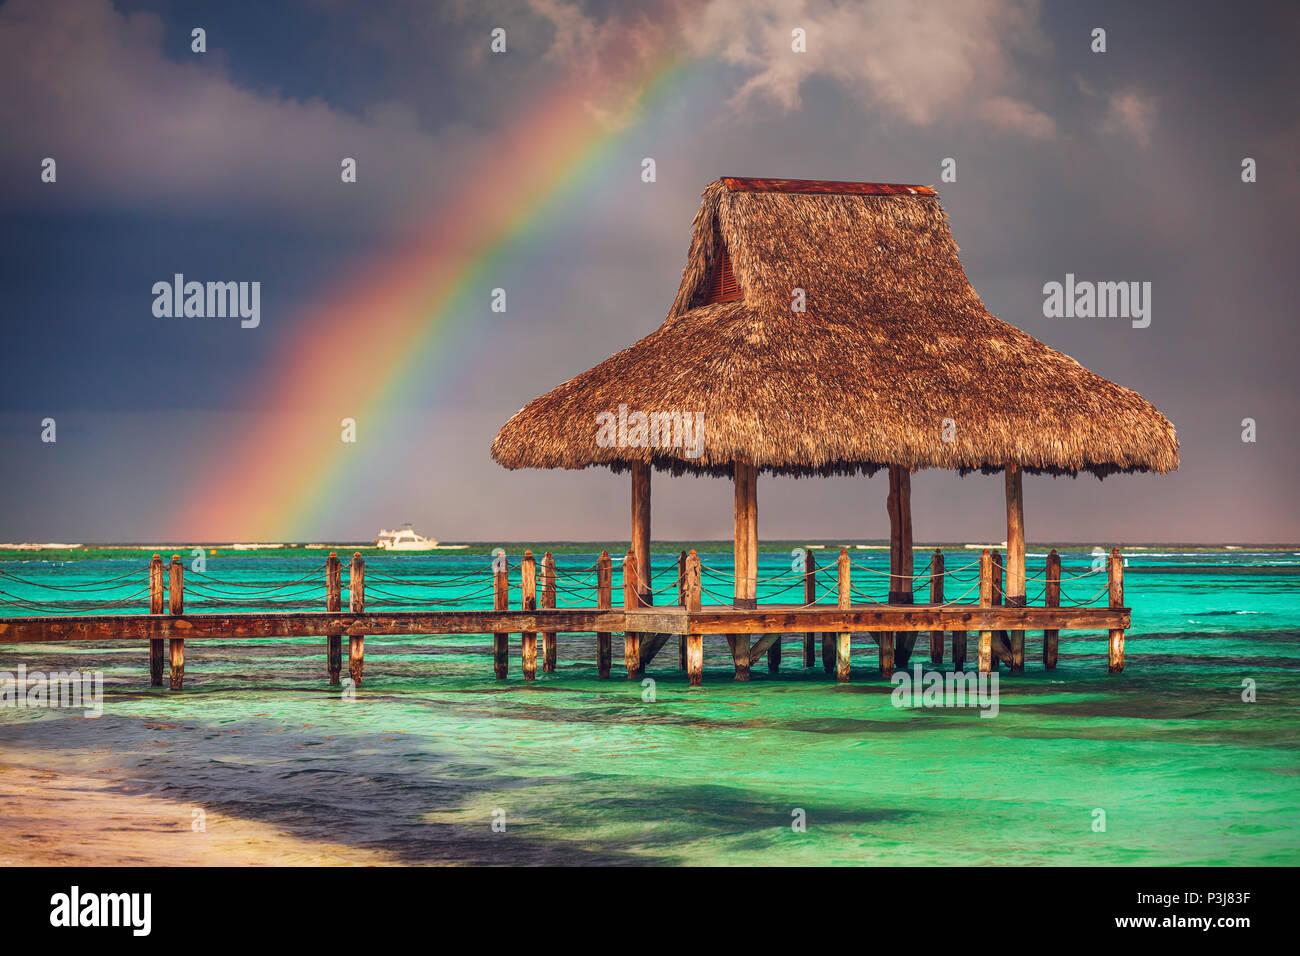 Arco iris sobre el agua de madera Villa en Cap Cana, República Dominicana. Imagen De Stock